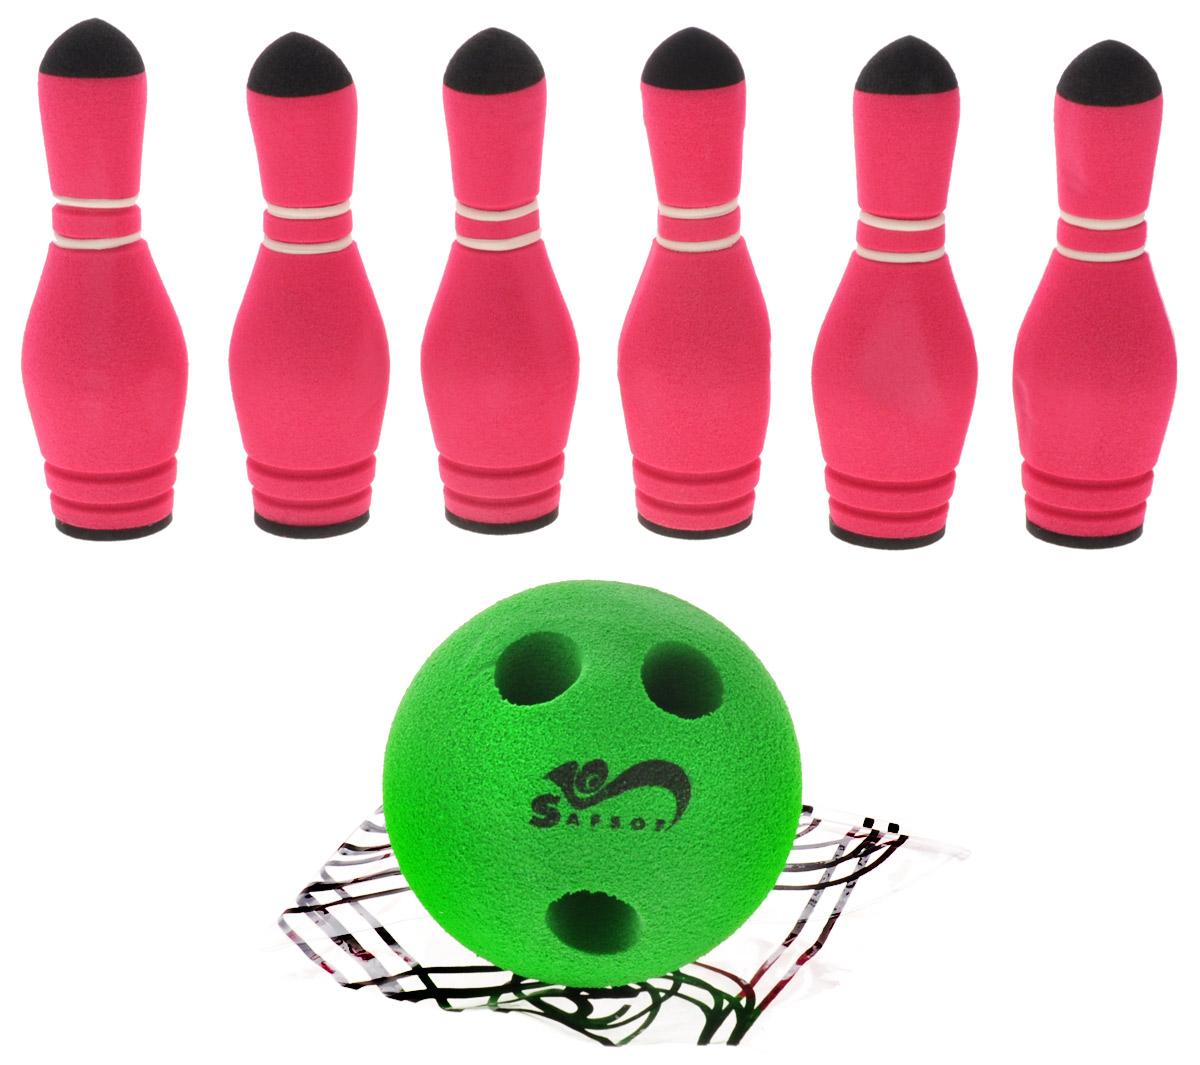 """Игровой набор Safsof """"Мини-боулинг"""", изготовленный из вспененной резины, состоит из шести кеглей и шара. Набор выполнен из мягкого материала, что обеспечивает безопасность ребенку. Суть игры в боулинг - сбить шаром максимальное количество кеглей. Число игроков и количество туров - произвольное. Очки, набранные с каждым броском мяча, рассматриваются как количество сбитых кегель. Расстояние, с которого совершается бросок, определяется игроками. Каждый игрок имеет право на два броска в одной рамке (рамка - треугольник, на поле которого выстраиваются кегли перед каждым первым броском очередного игрока). Бросок, при котором все кегли сбиты, называется """"страйк"""" и обозначается как Х. Если все кегли сбиты первым броском, второй бросок не требуется: рамка считается закрытой. Призовые очки за страйк - это сумма кеглей, сбитых игроком следующими двумя бросками. Выигрывает тот игрок, который в сумме набирает больше очков."""